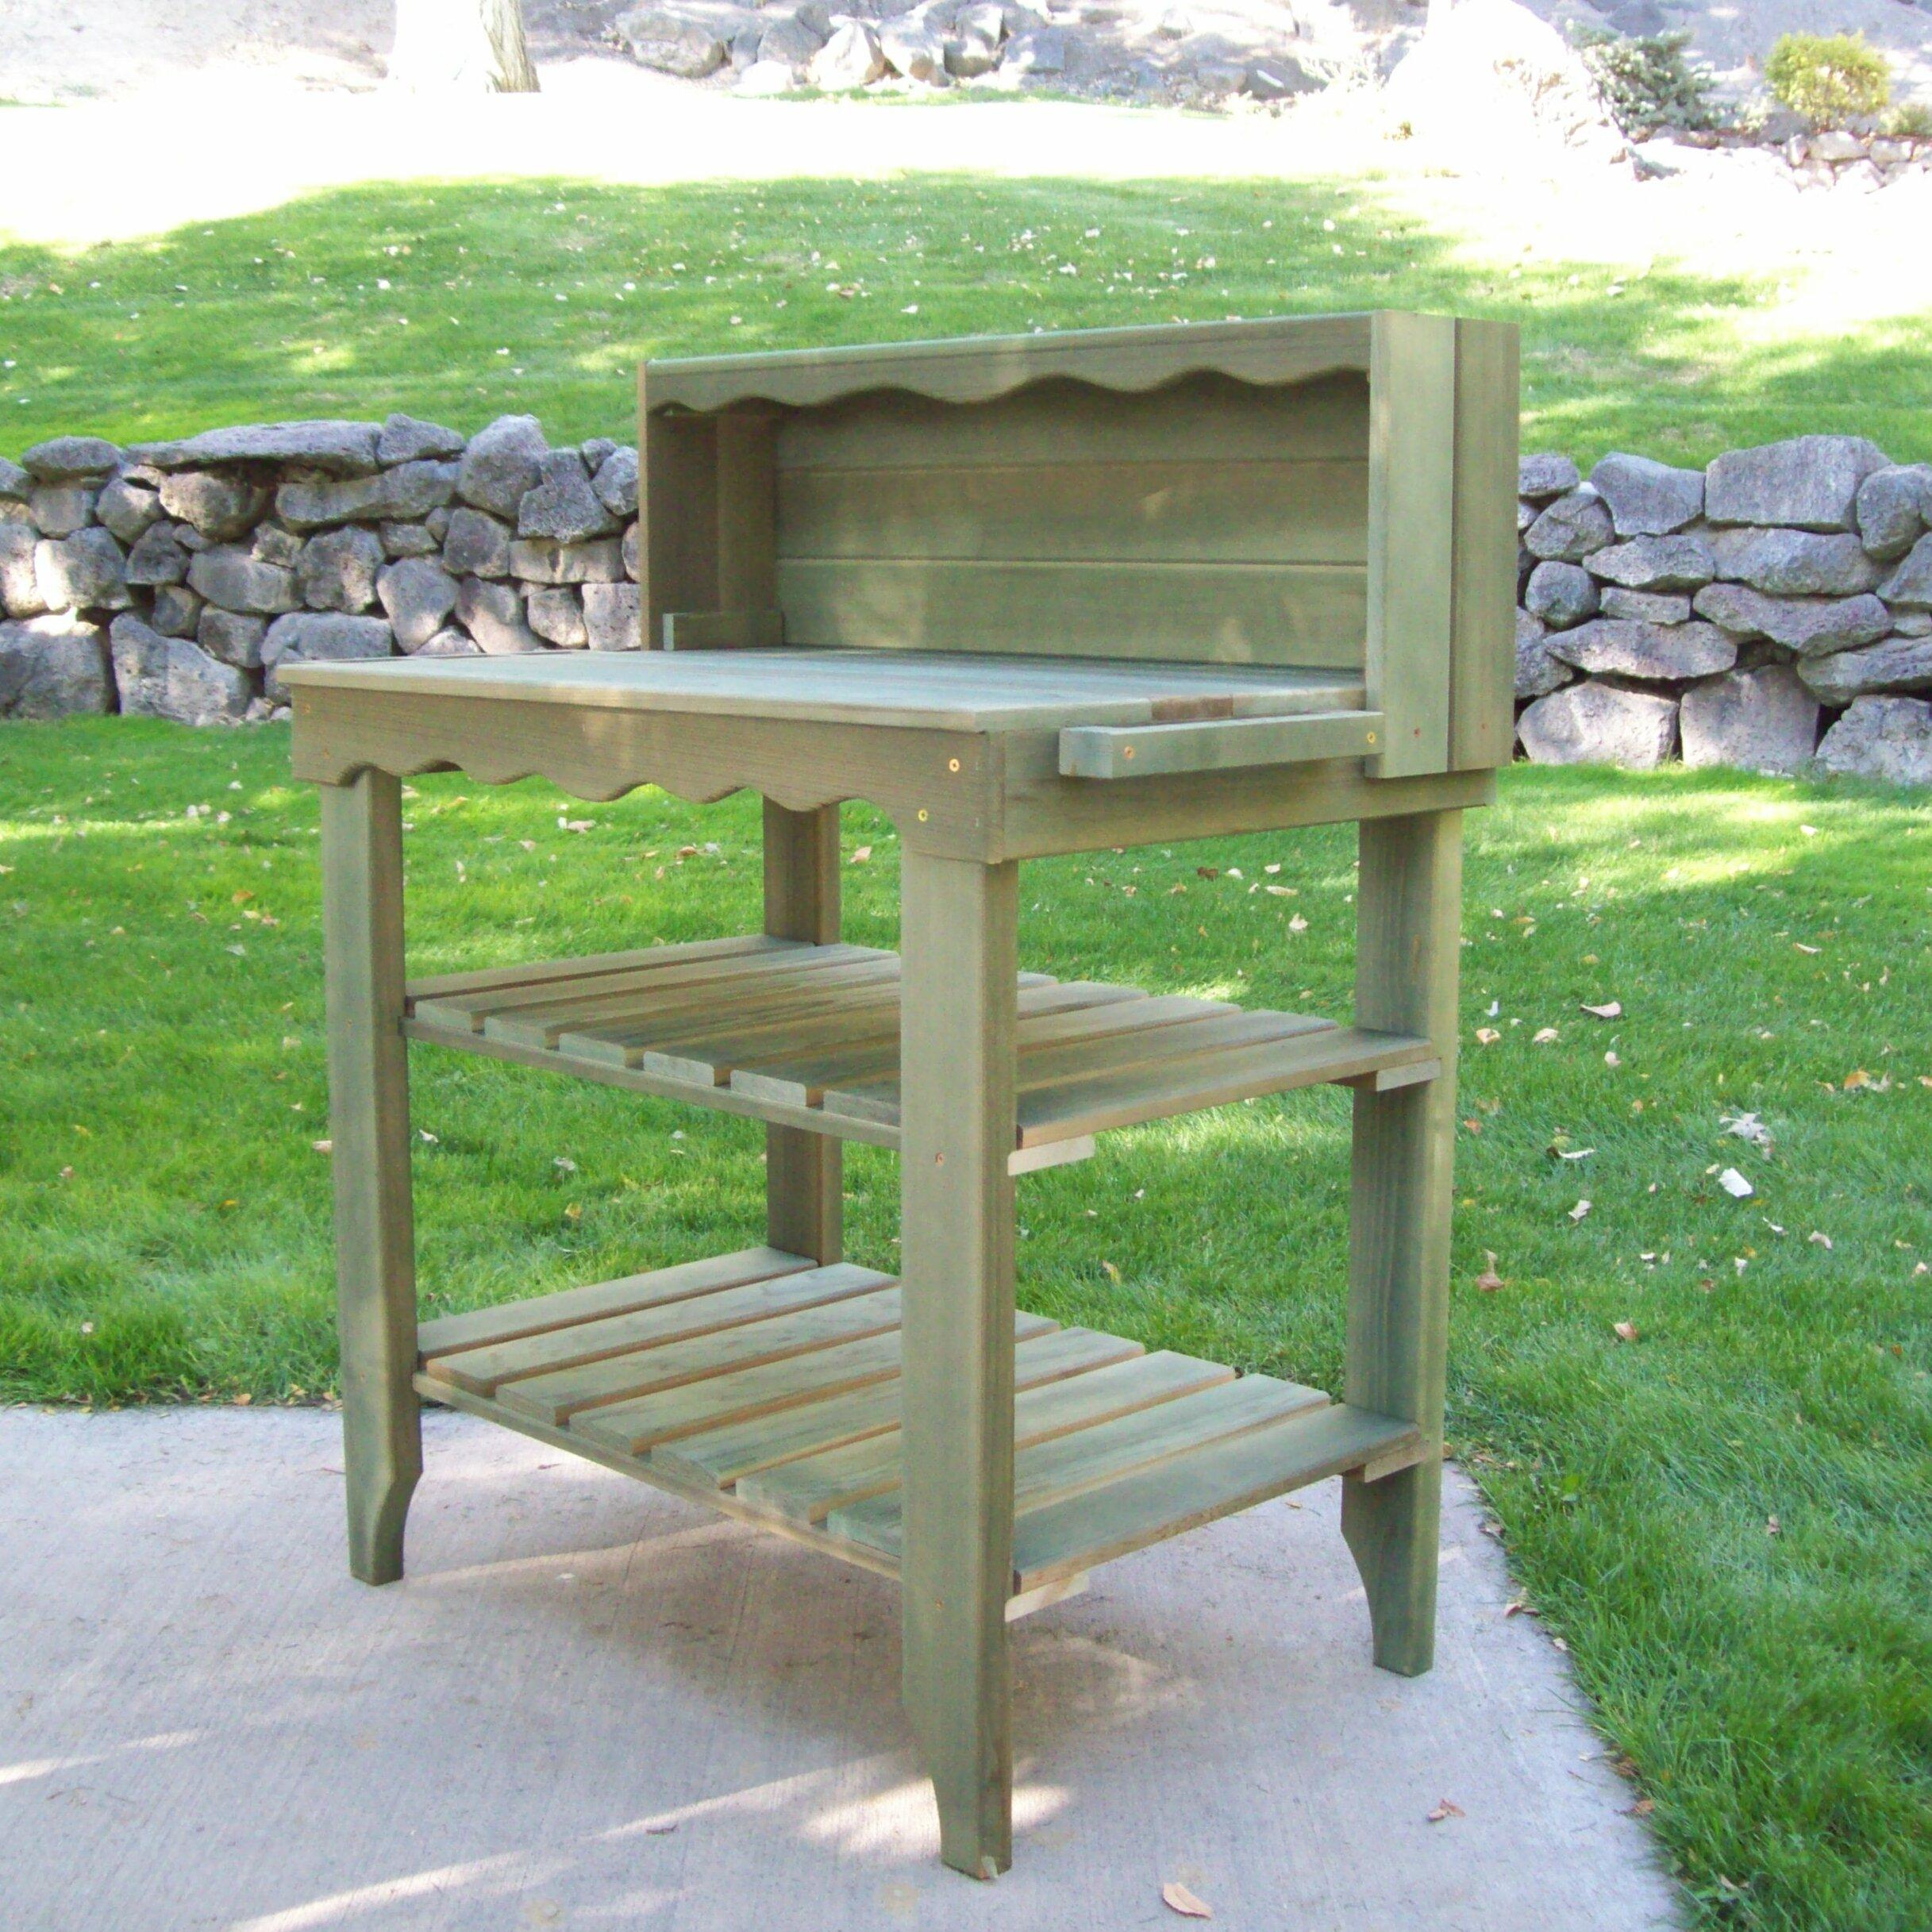 Deluxe Cedar Potting Bench